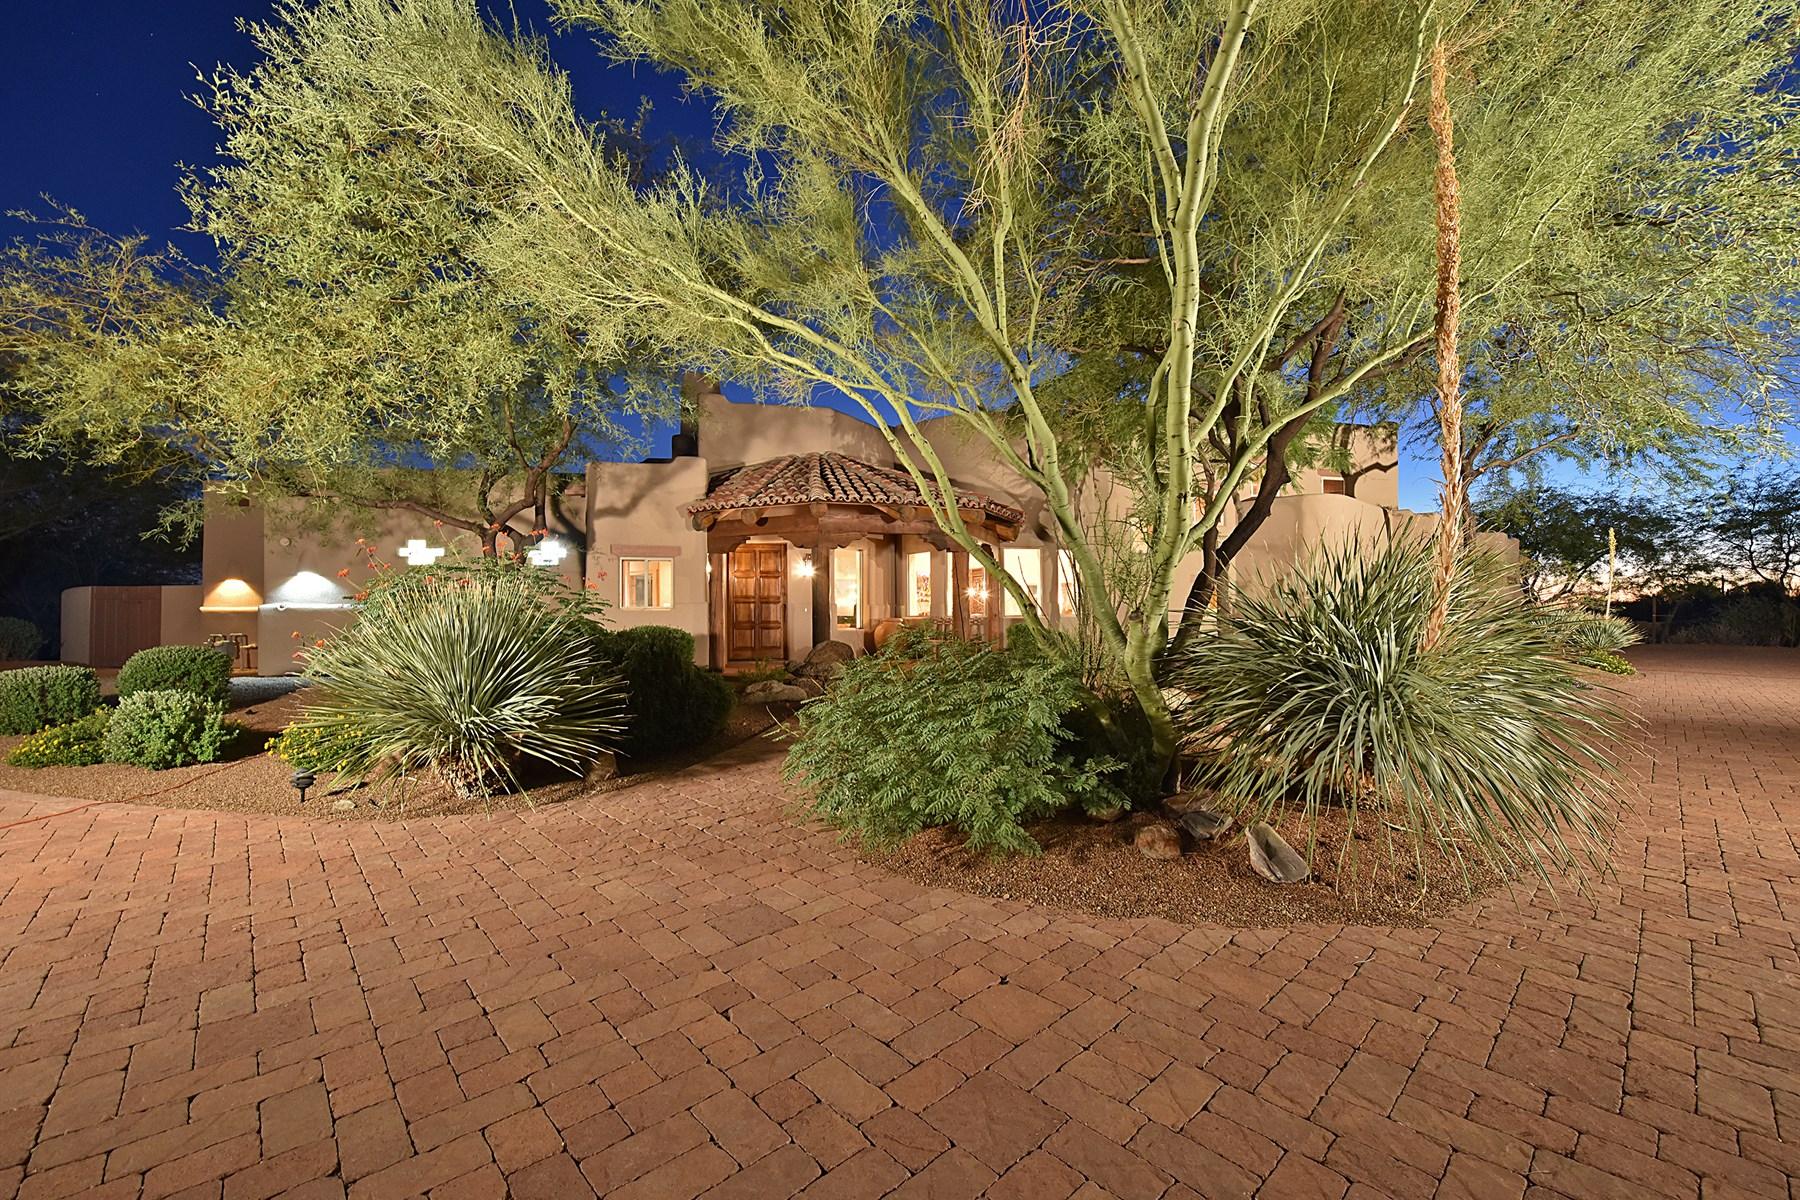 단독 가정 주택 용 매매 에 Warm and inviting Southwest custom home in guard gated Glenn Moor 10801 E Happy Valley Rd #105 Scottsdale, 아리조나, 85255 미국